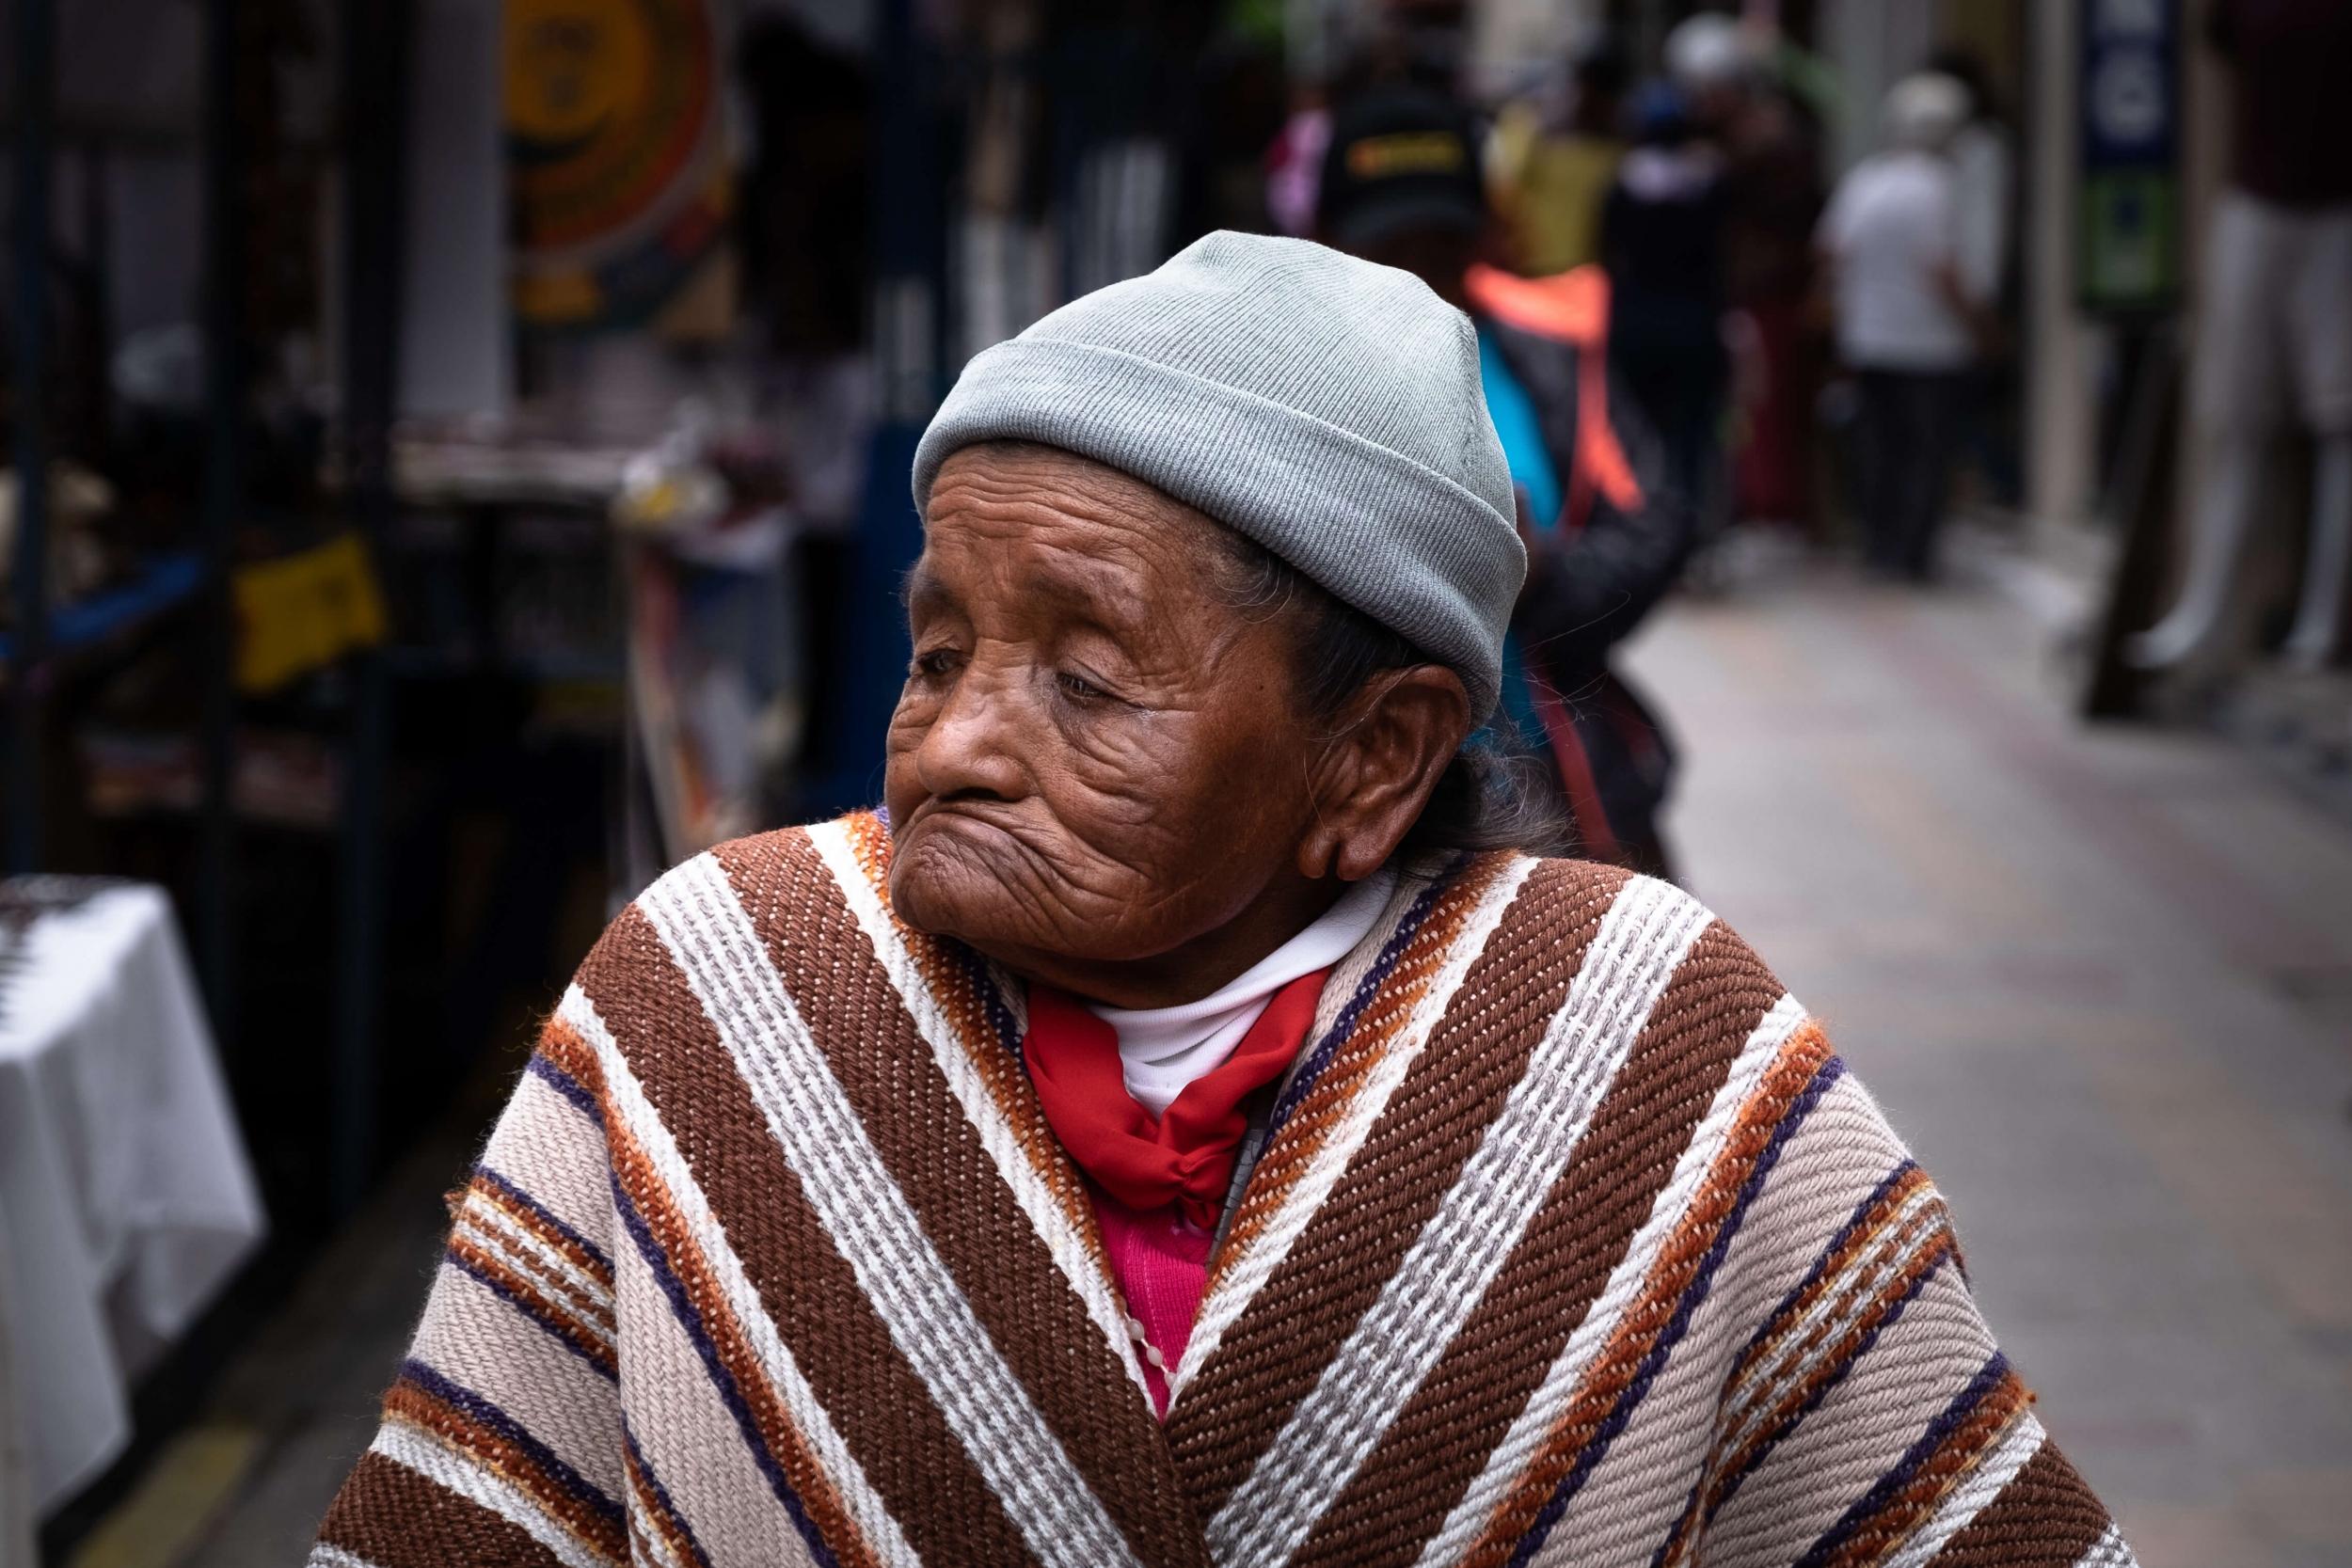 Otavalo, Marché Otavalo, Indigènes, Equateur, Quito, Blog de voyage, Blog de photographie, Voyage en Equateur